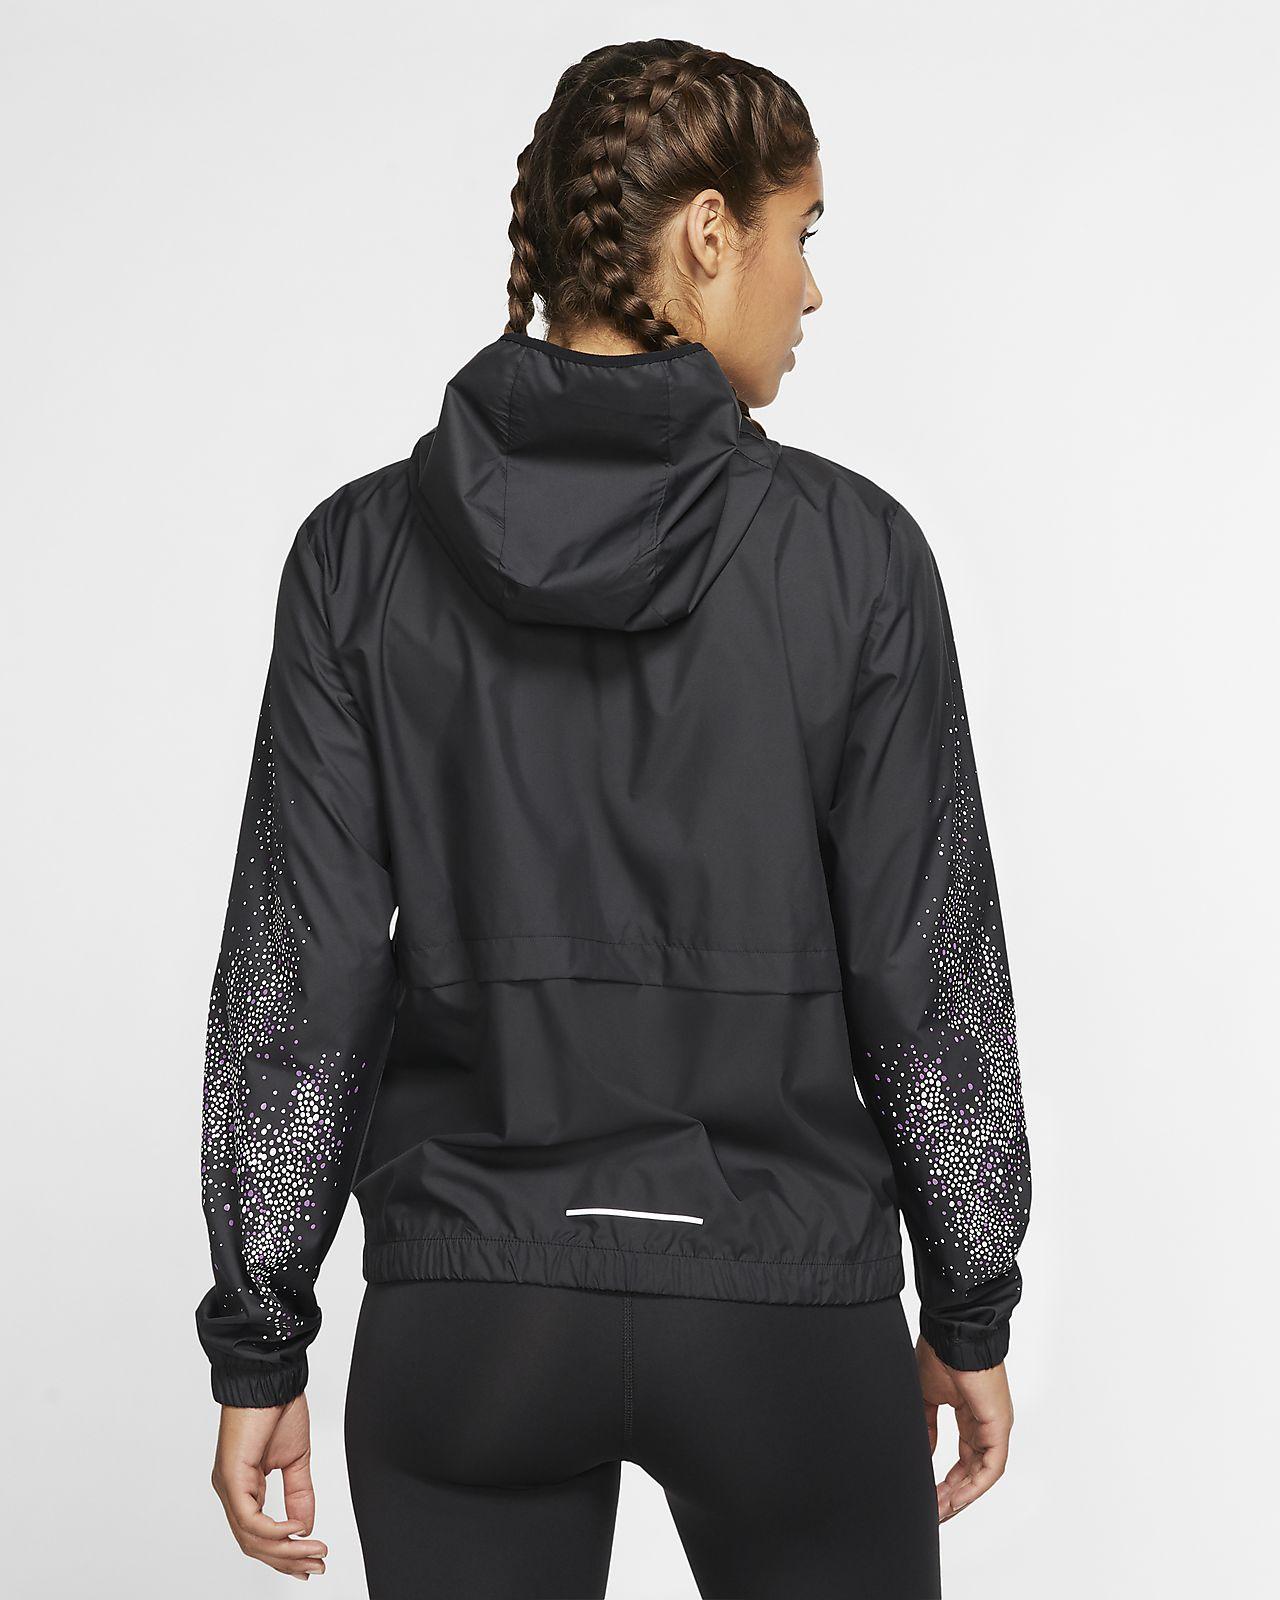 Nike Essential Chaqueta de running con cremallera completa Mujer